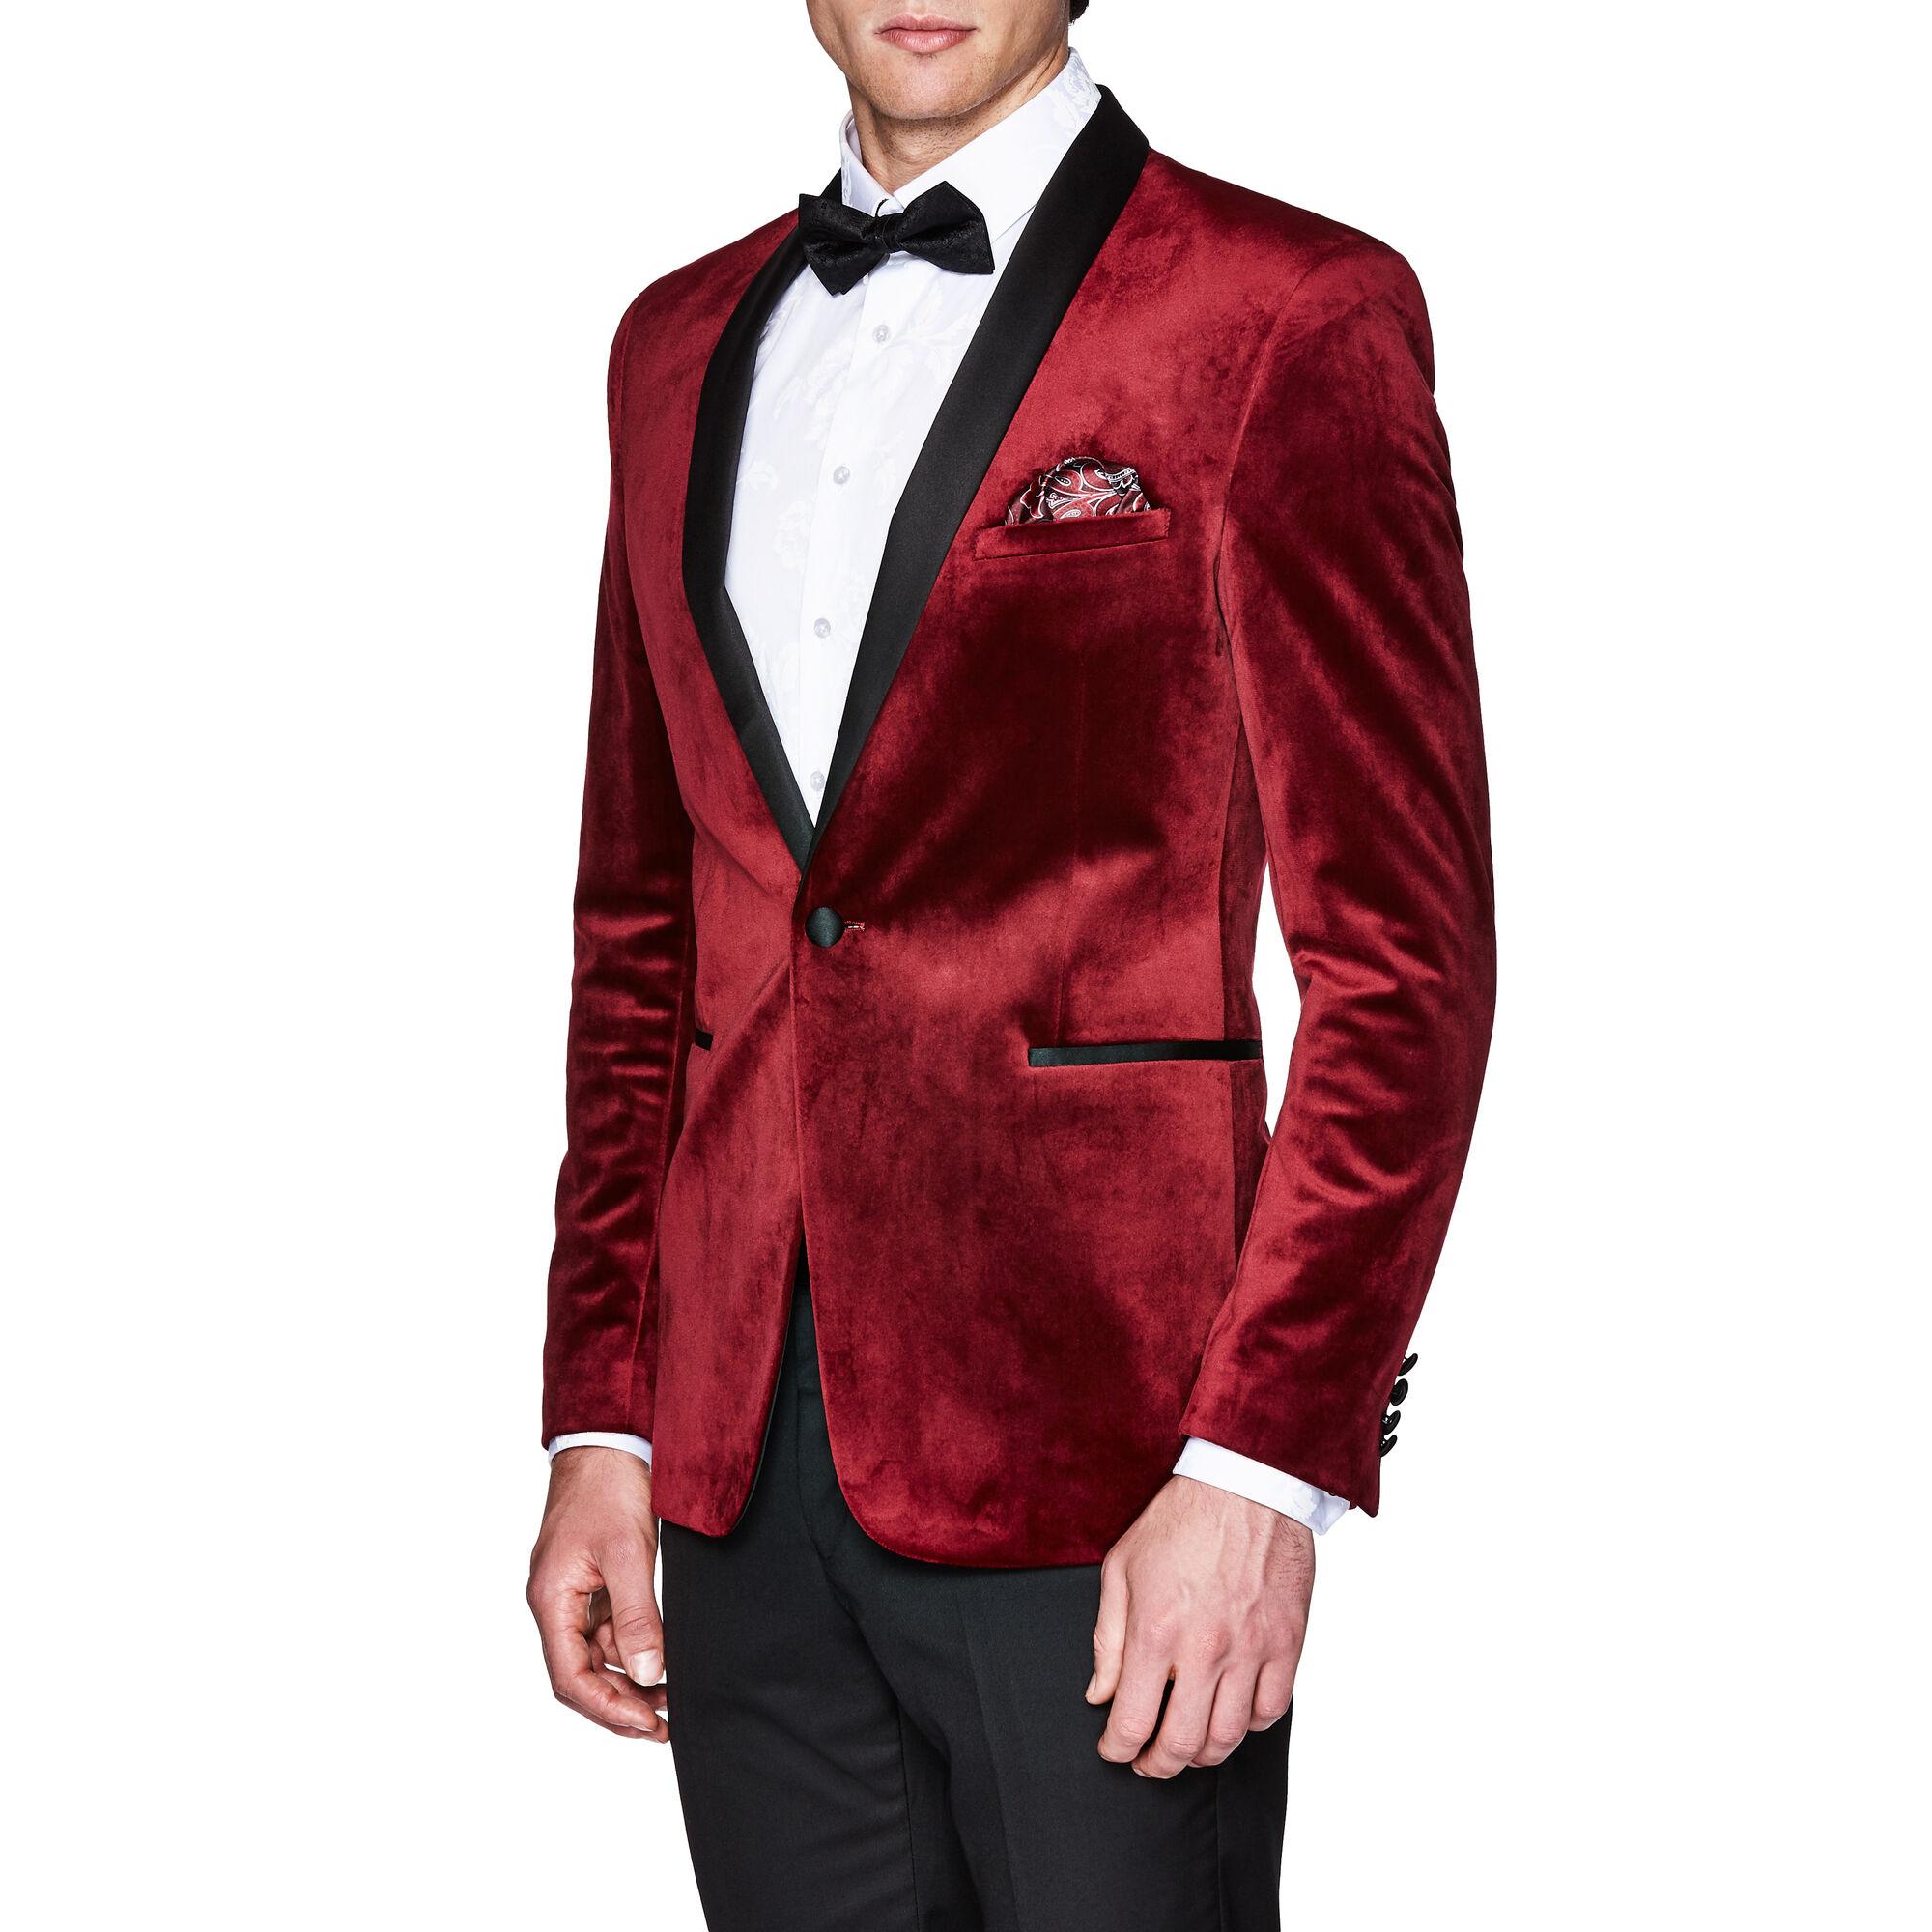 764e020be49f Sorren - Burgundy - Slim Velvet Tuxedo Jacket   Politix